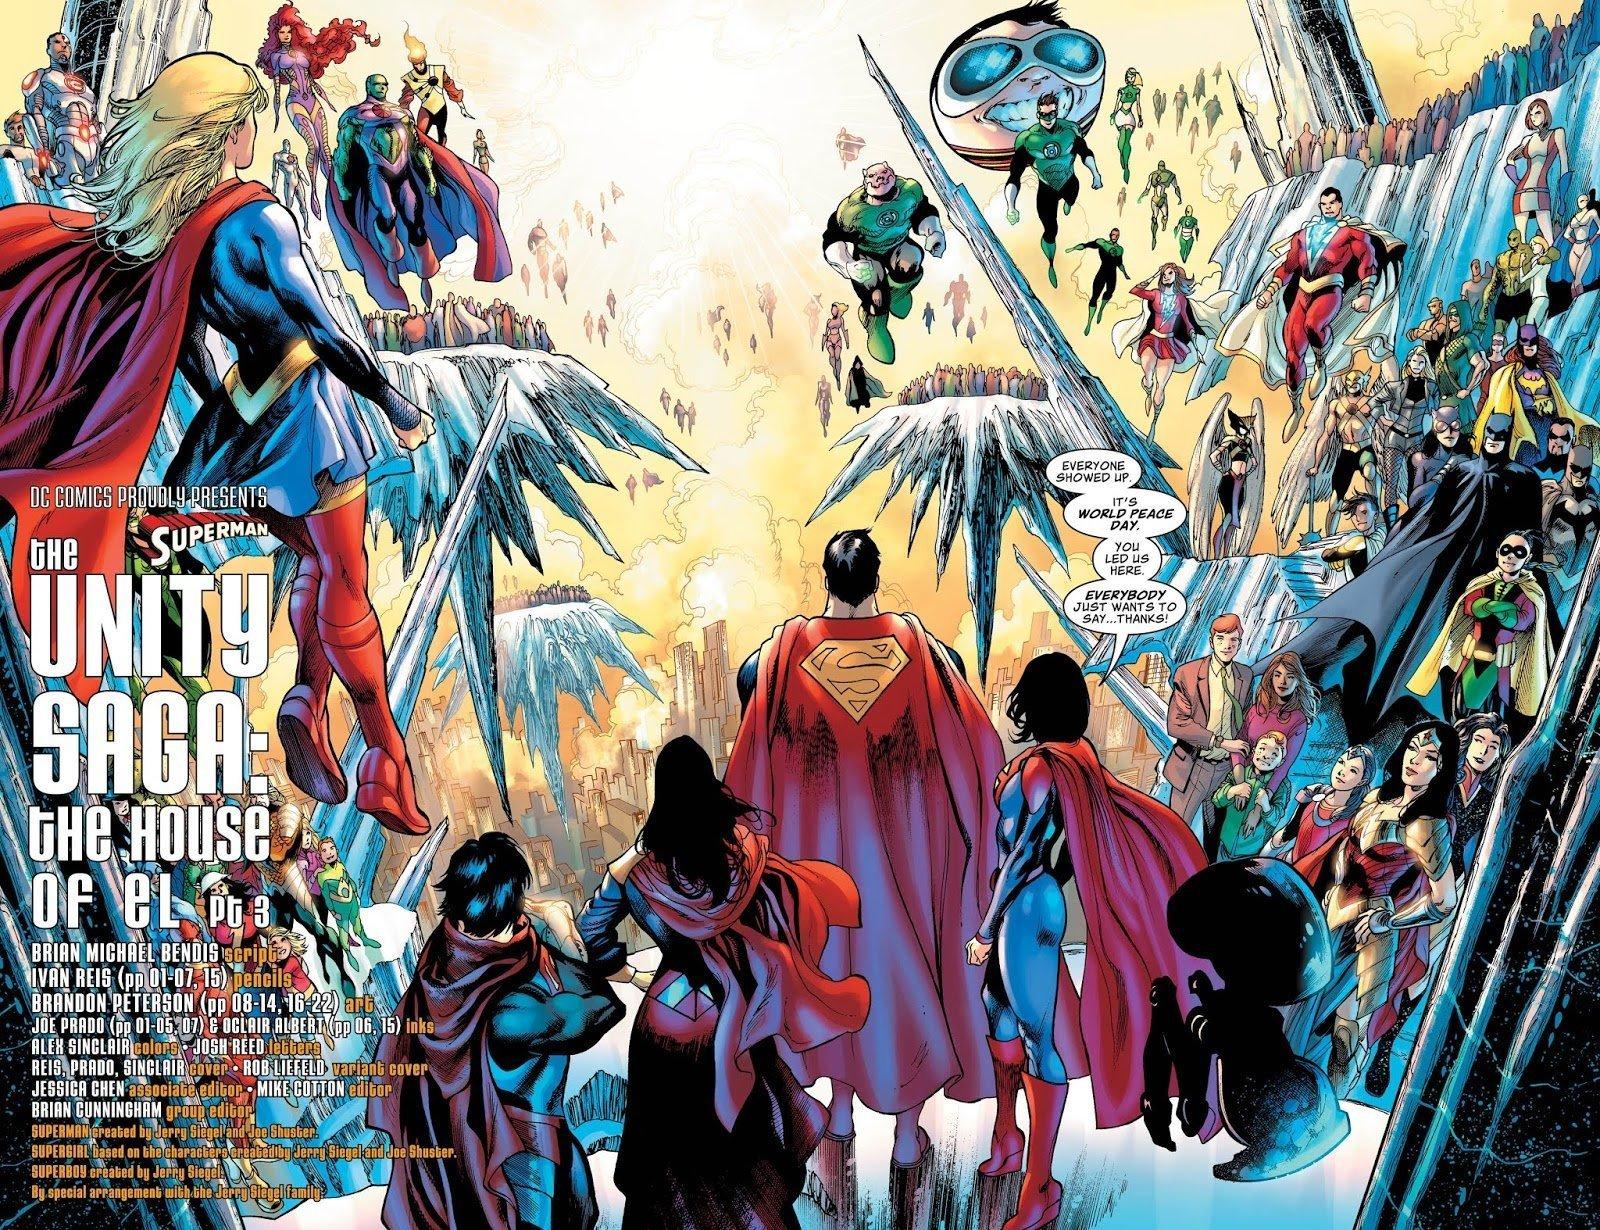 Pagina doble del Superman #9